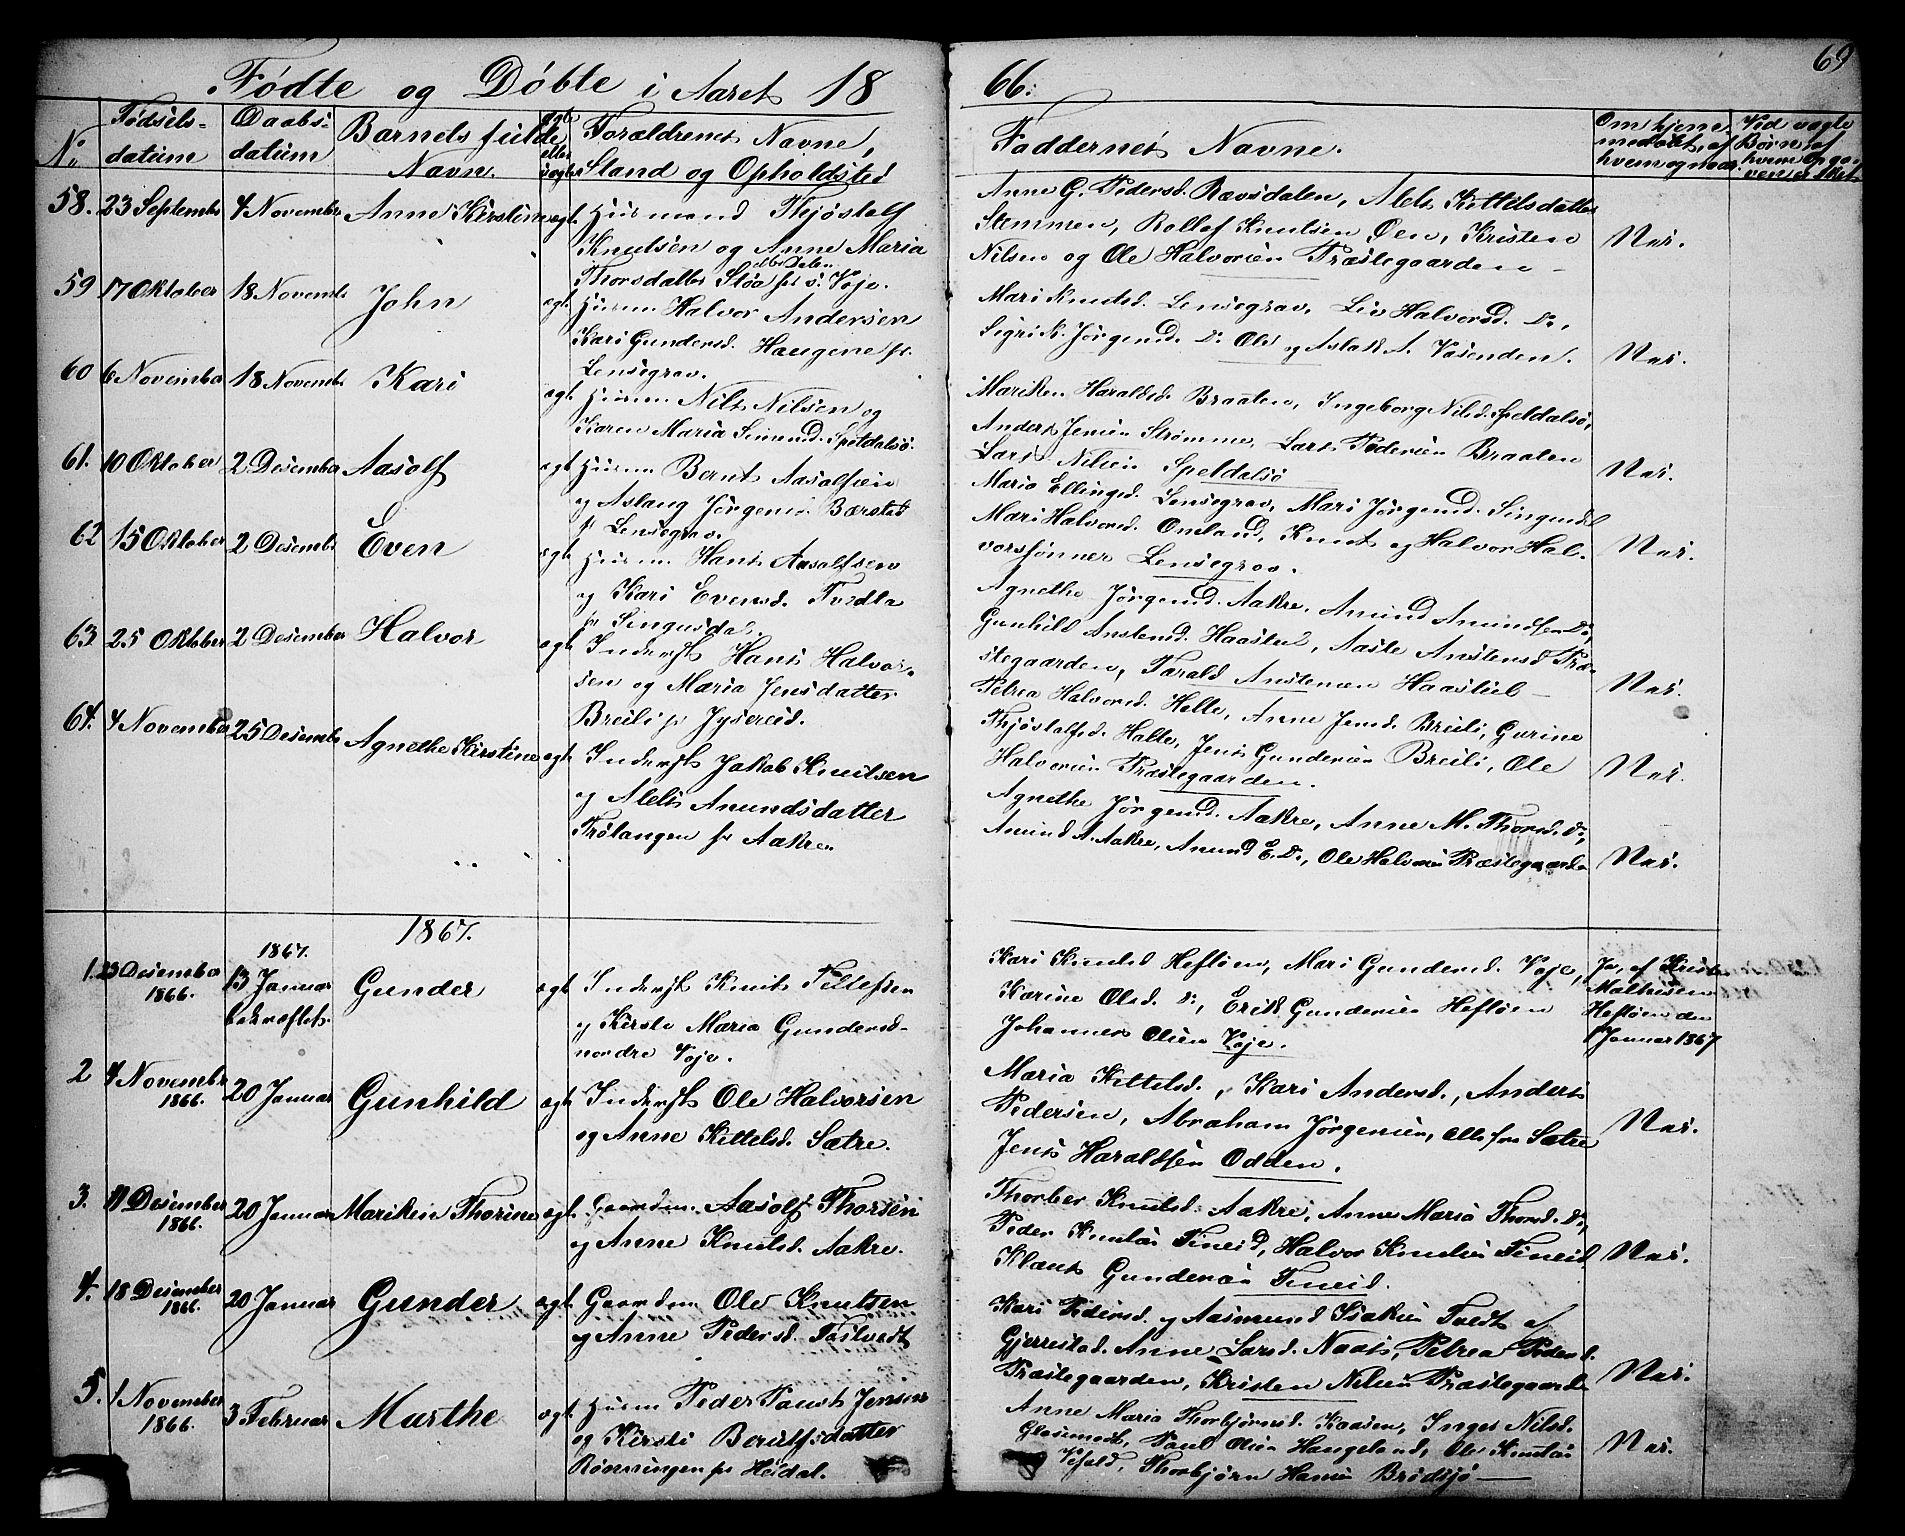 SAKO, Drangedal kirkebøker, G/Ga/L0002: Klokkerbok nr. I 2, 1856-1887, s. 69